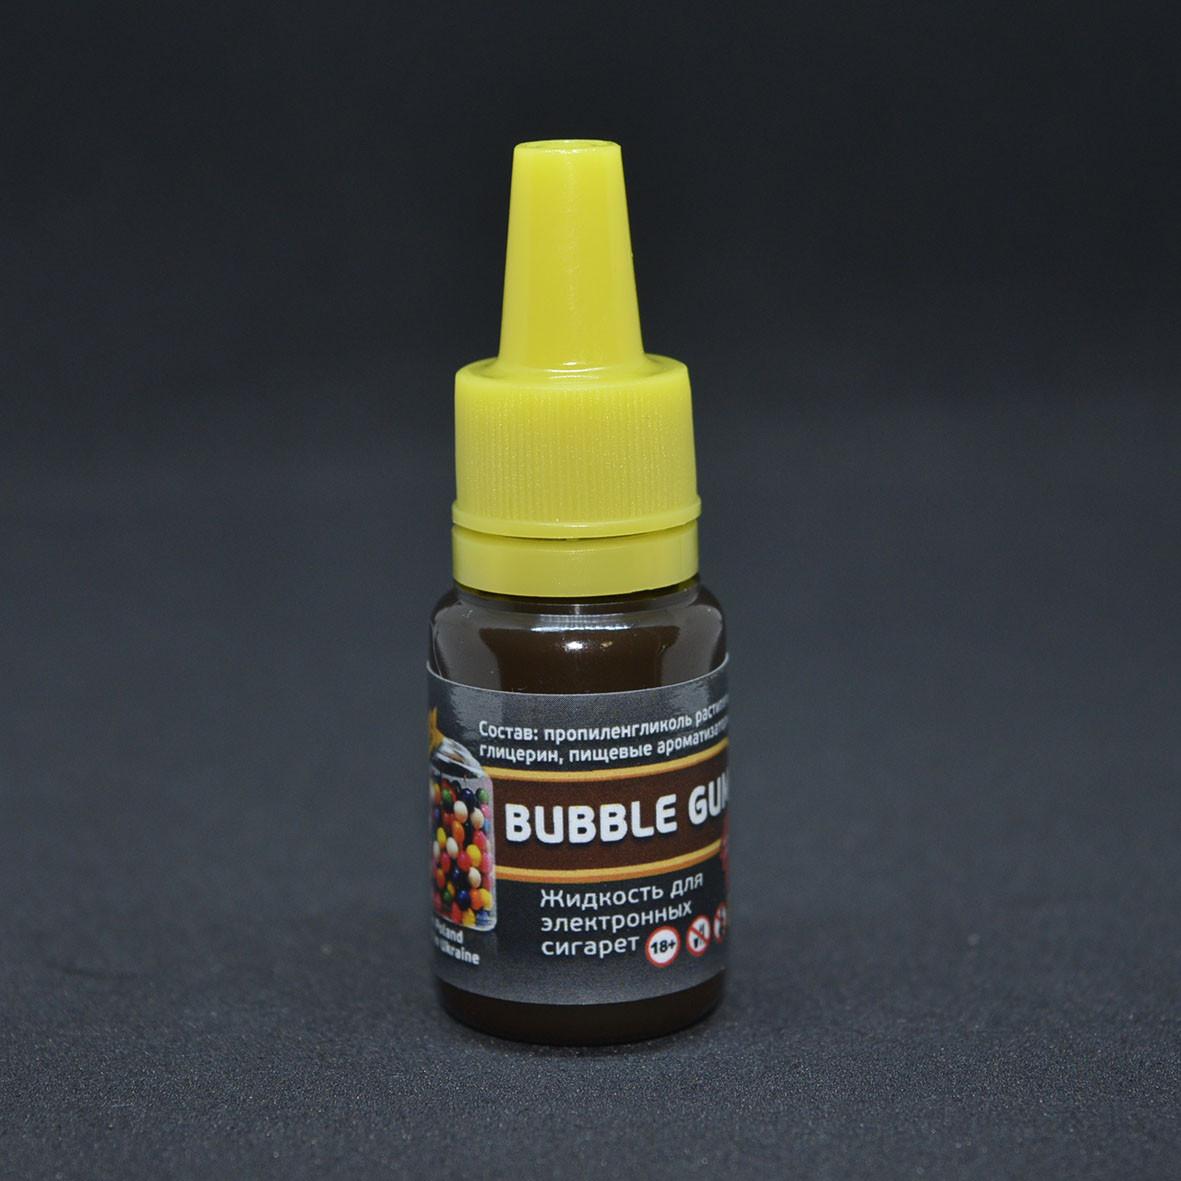 """Жидкость для электронной сигареты """"Bubble gum"""" 3мг/мл"""